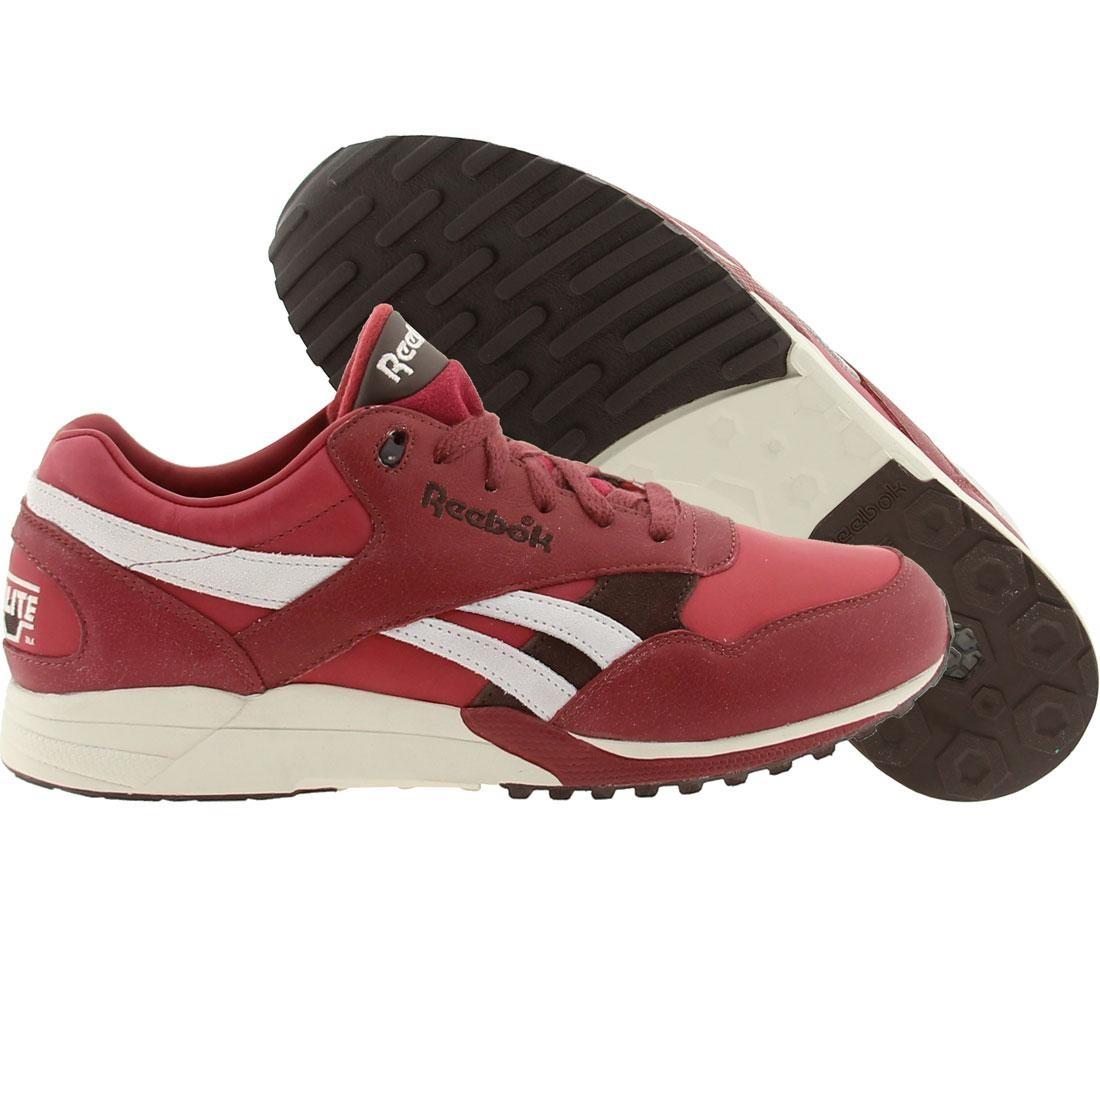 【海外限定】リーボック プレミアム 赤 レッド メンズ靴 靴 【 REEBOK PREMIUM RED MEN RACER X TRI SOAP EARTH 】